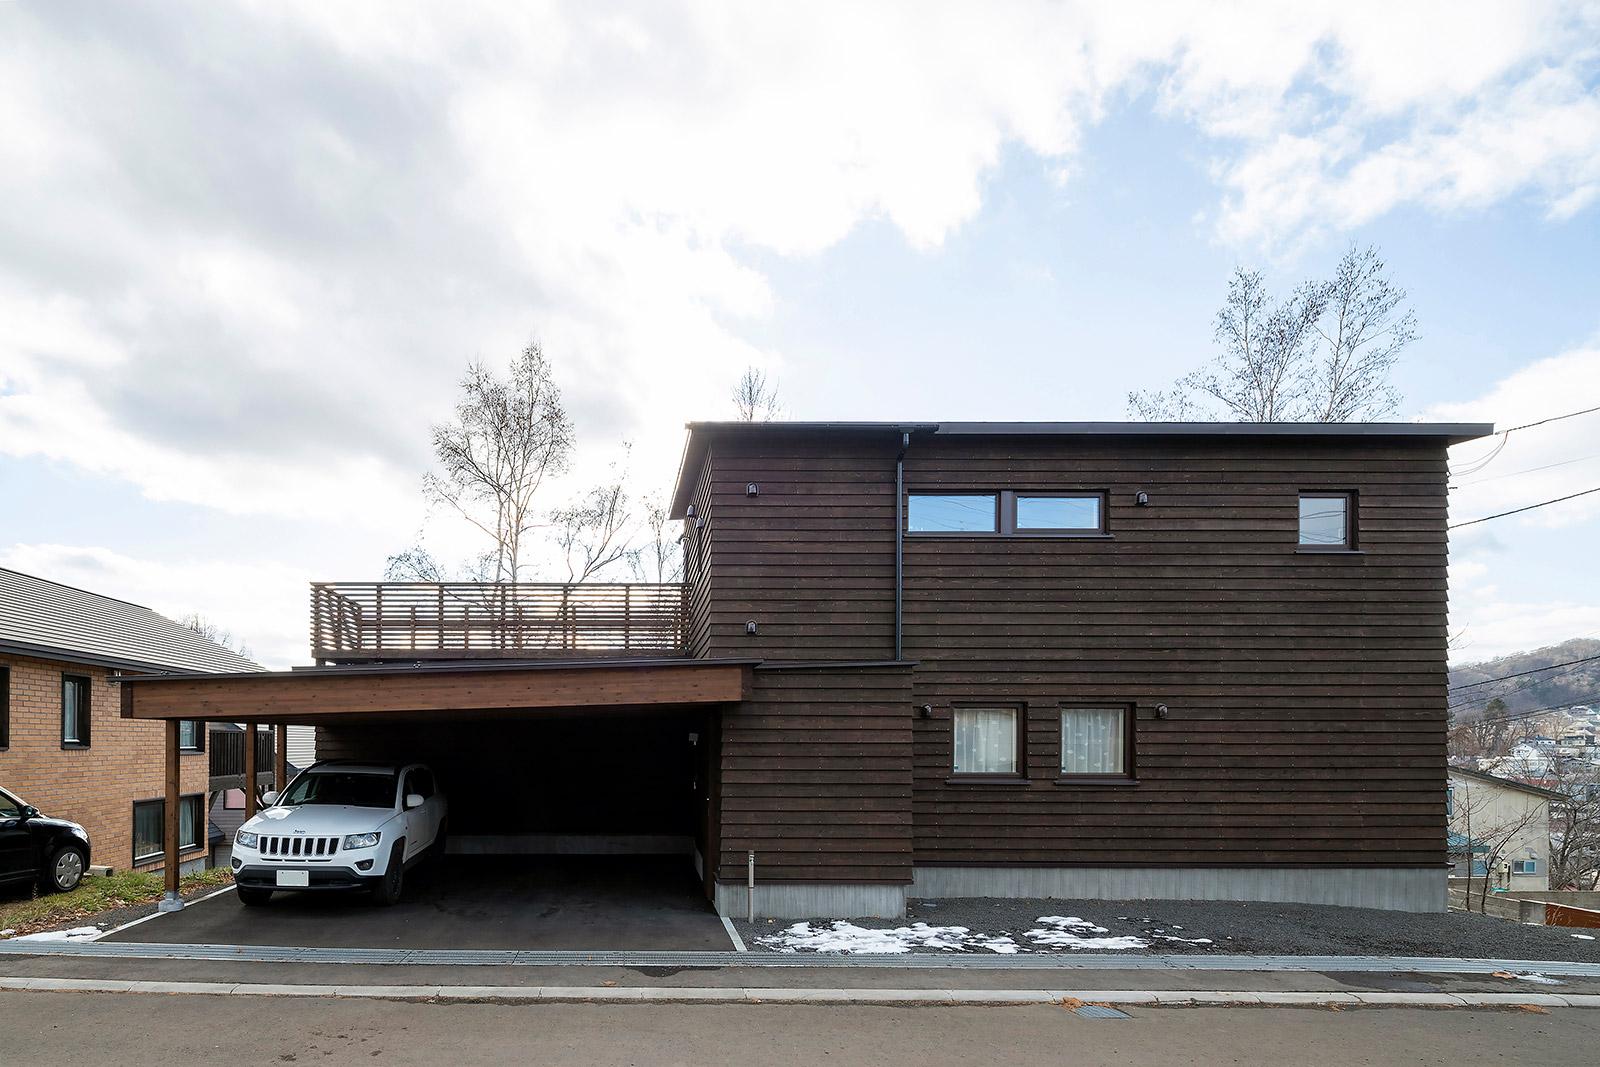 道南スギ板張りの外観は、奥さんが希望した自然の中に建つ木の家そのもの。屋根付きのアプローチが除雪作業の負担を軽くしてくれる